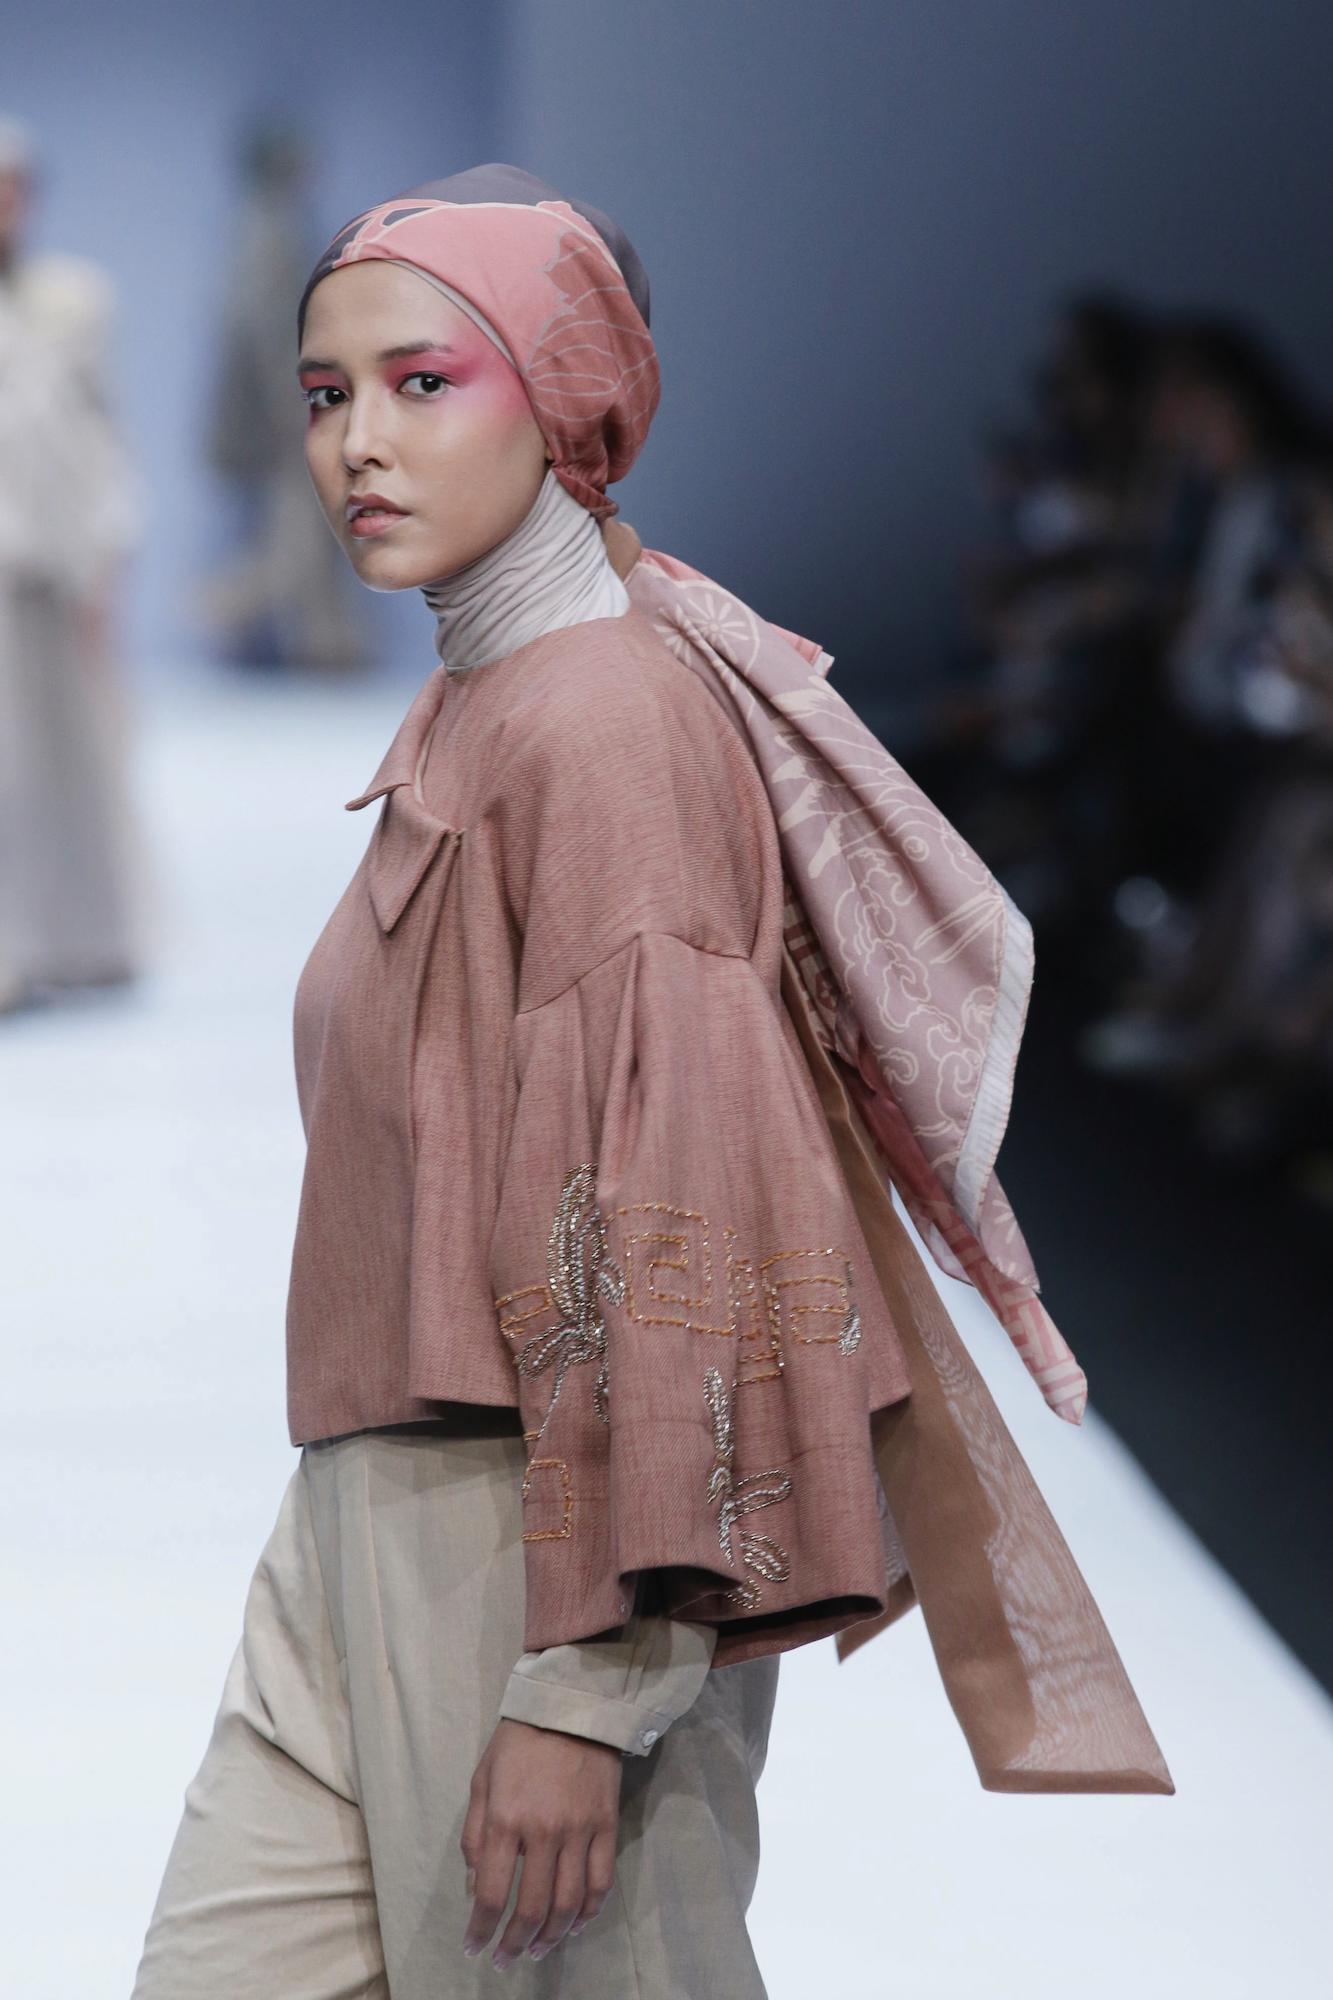 Wanita asia dengan model hijab modern seperti ponytail – Jakarta Fashion Week 2019